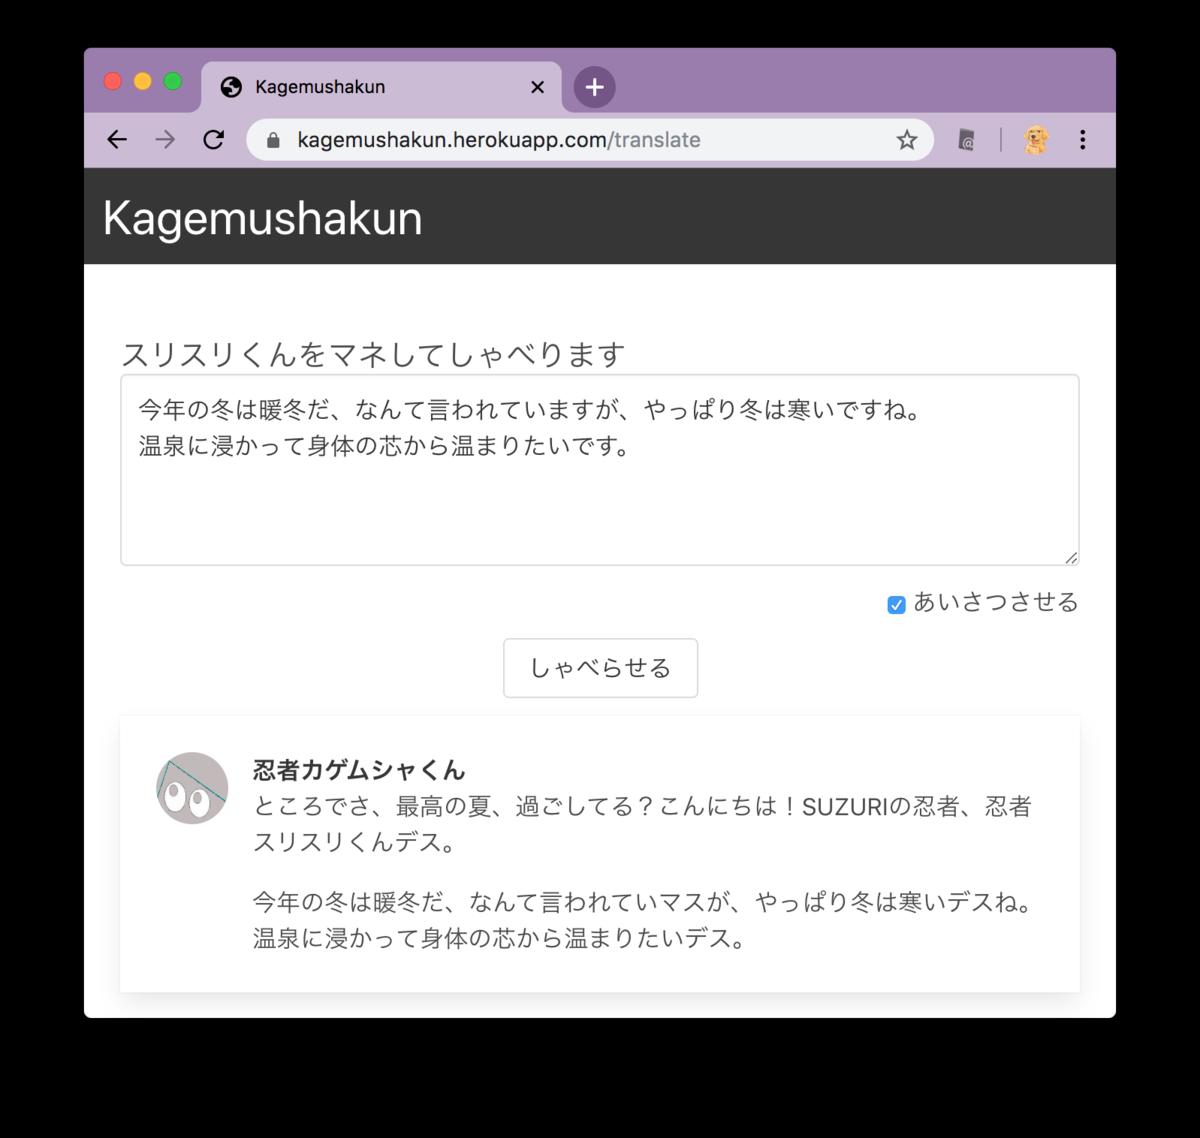 kagemusha4